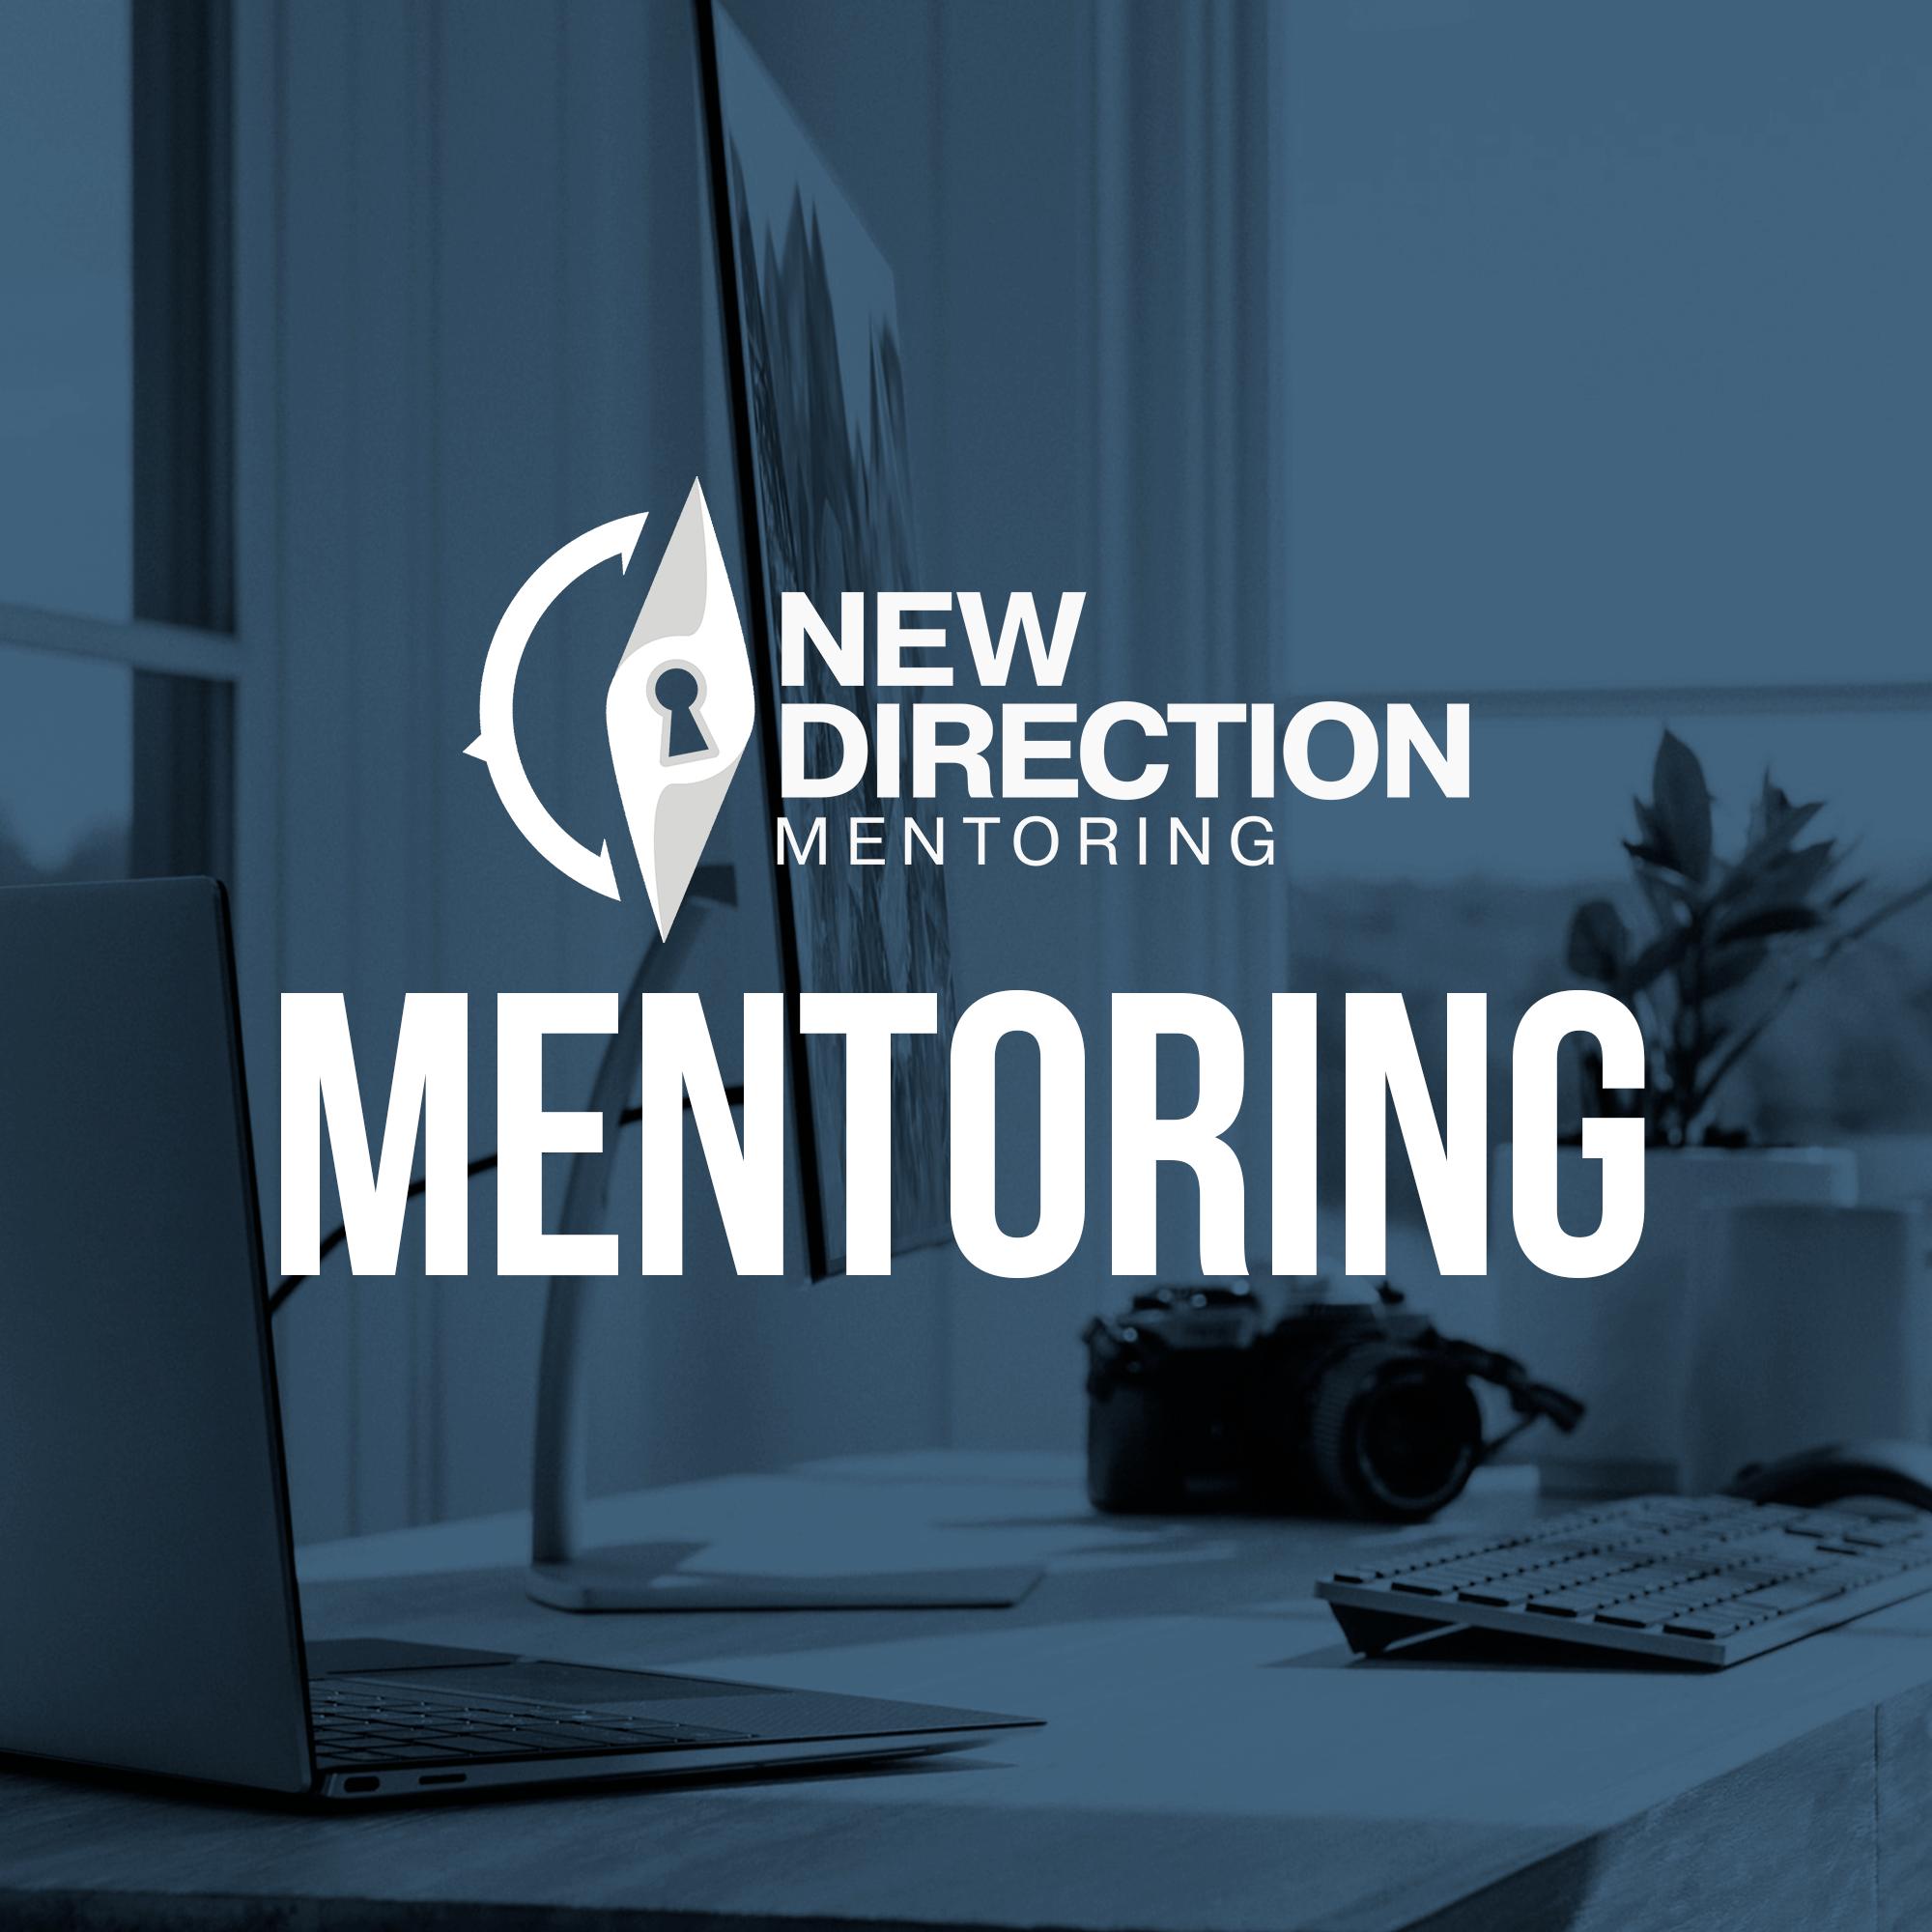 Mentoring Consultation